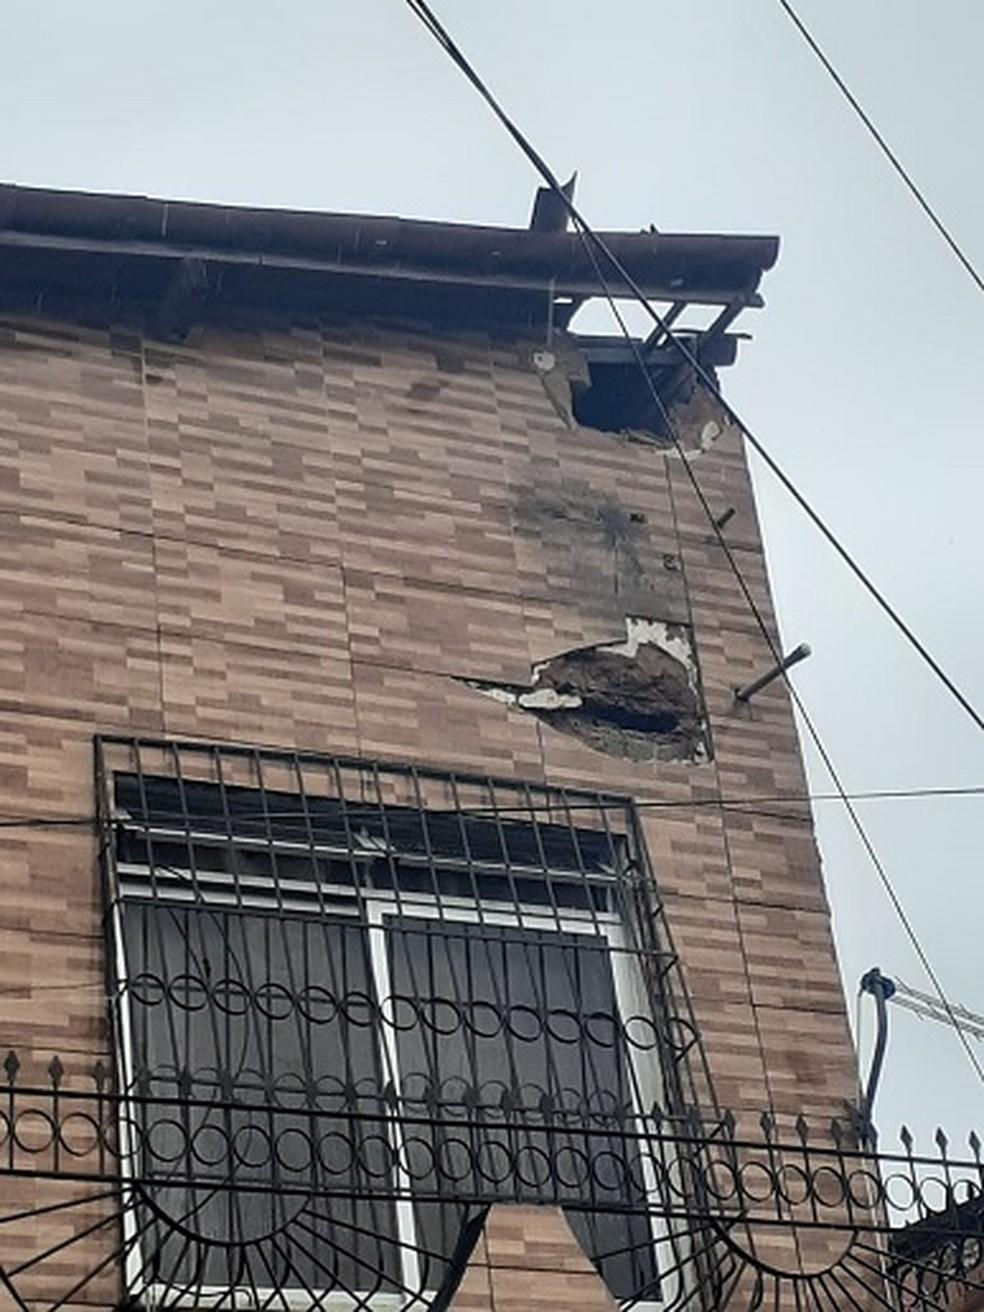 Residência no Bairro Vila Velha 2 ficou com buracos no forro do teto e na parede após ser atingida por um raio durante chuva em Fortaleza. — Foto: Arquivo pessoal